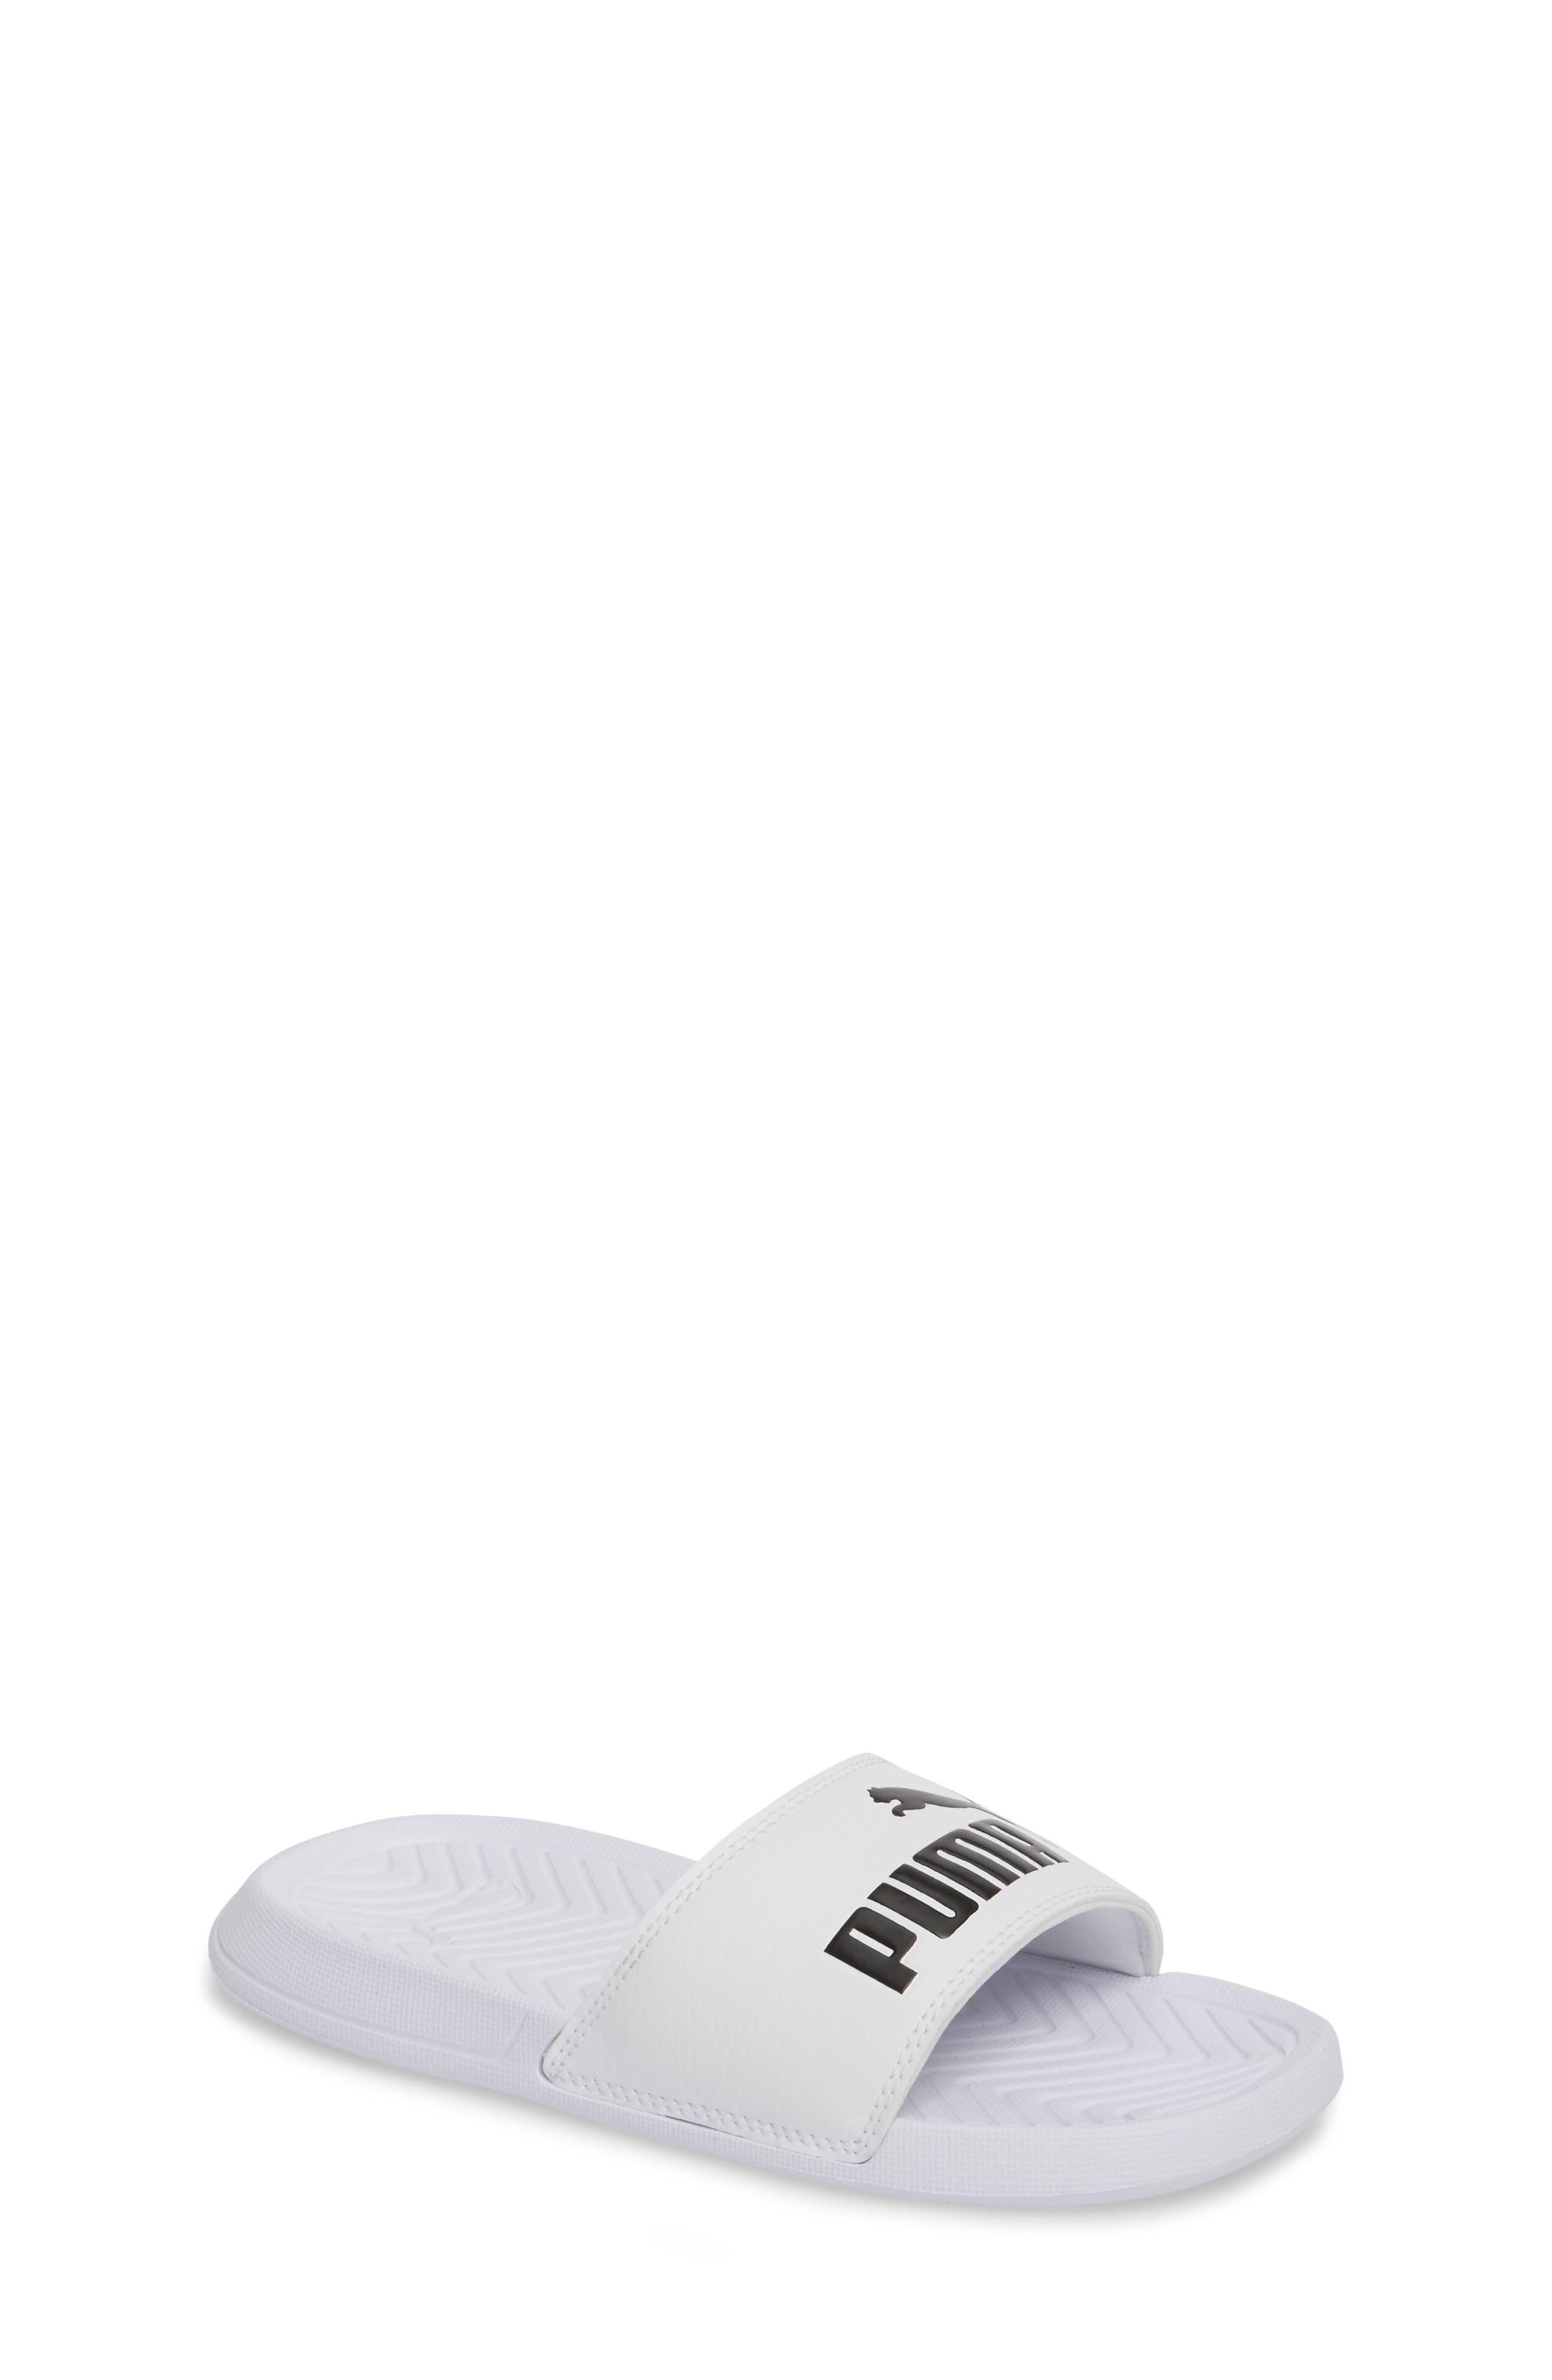 Popcat Slide Sandal,                         Main,                         color, 100